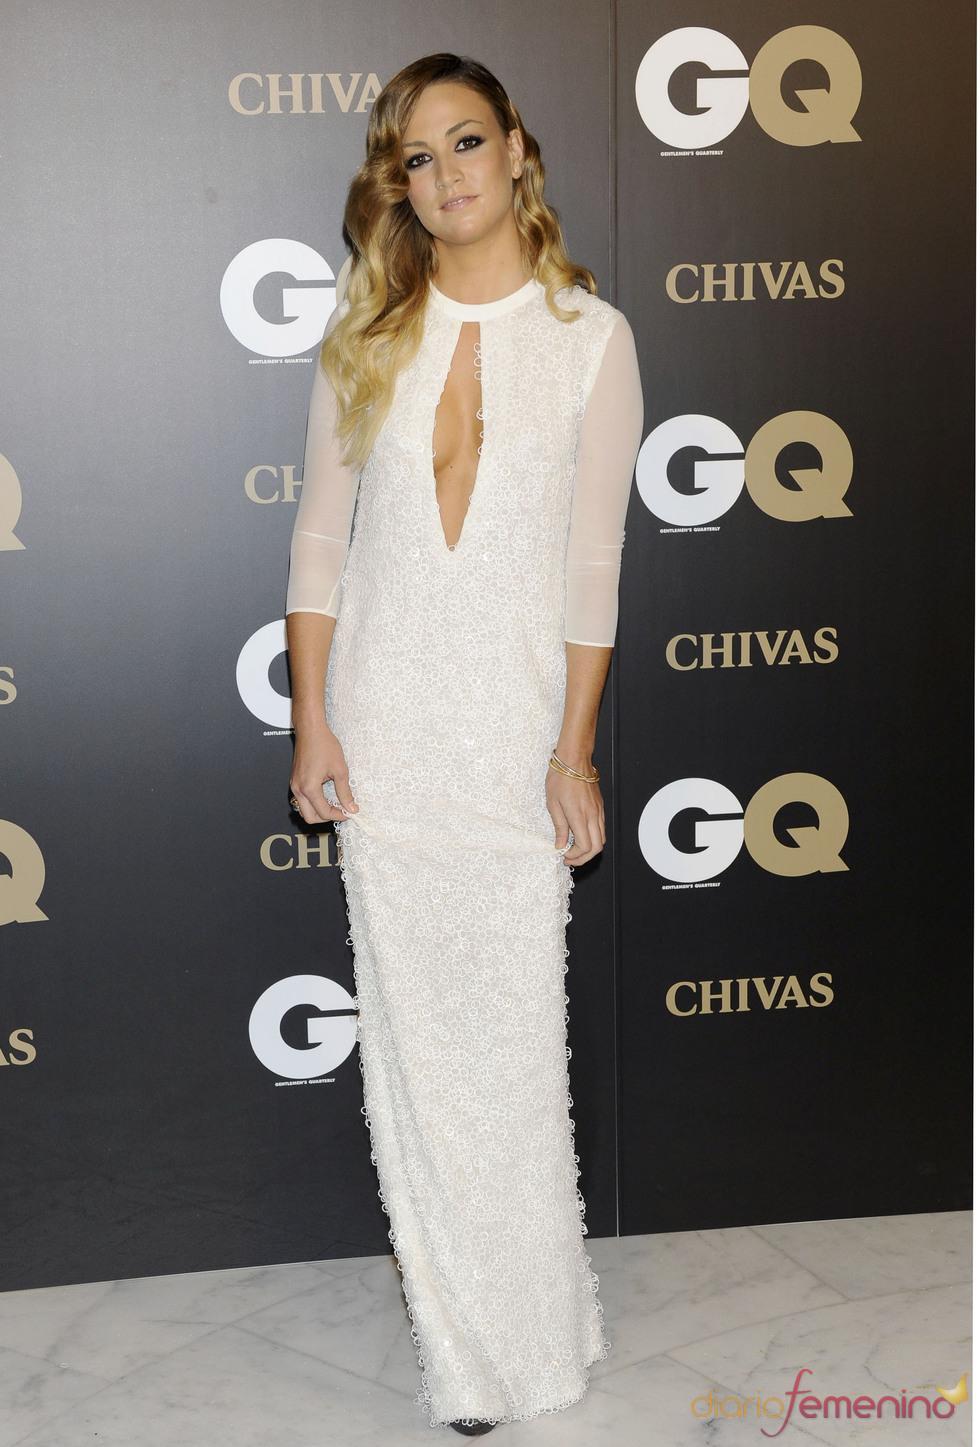 Carmen Jordá en los premios españoles GQ 2010